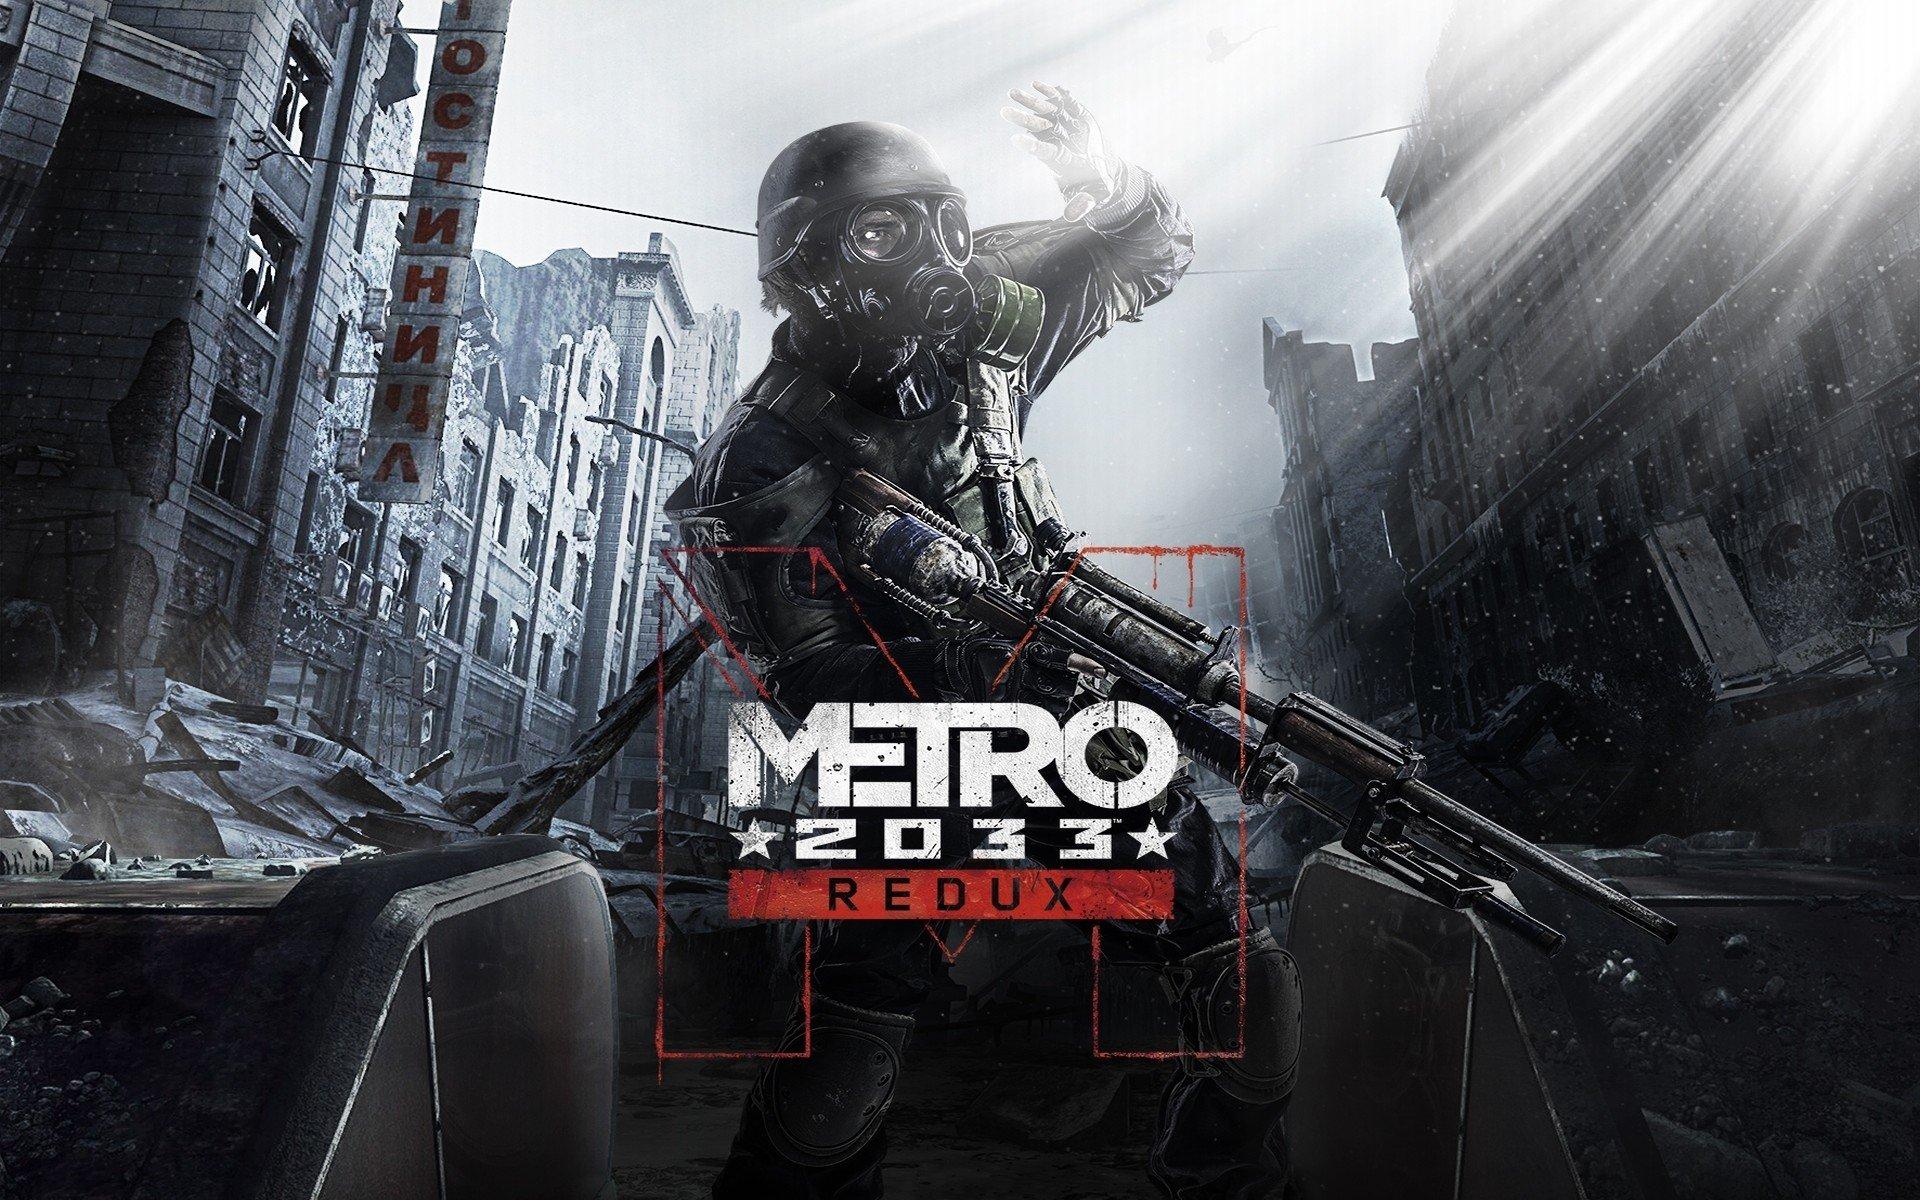 """Metro 2033 Redux - """"Это мир без завтрашнего дня"""" (с)  - Изображение 1"""